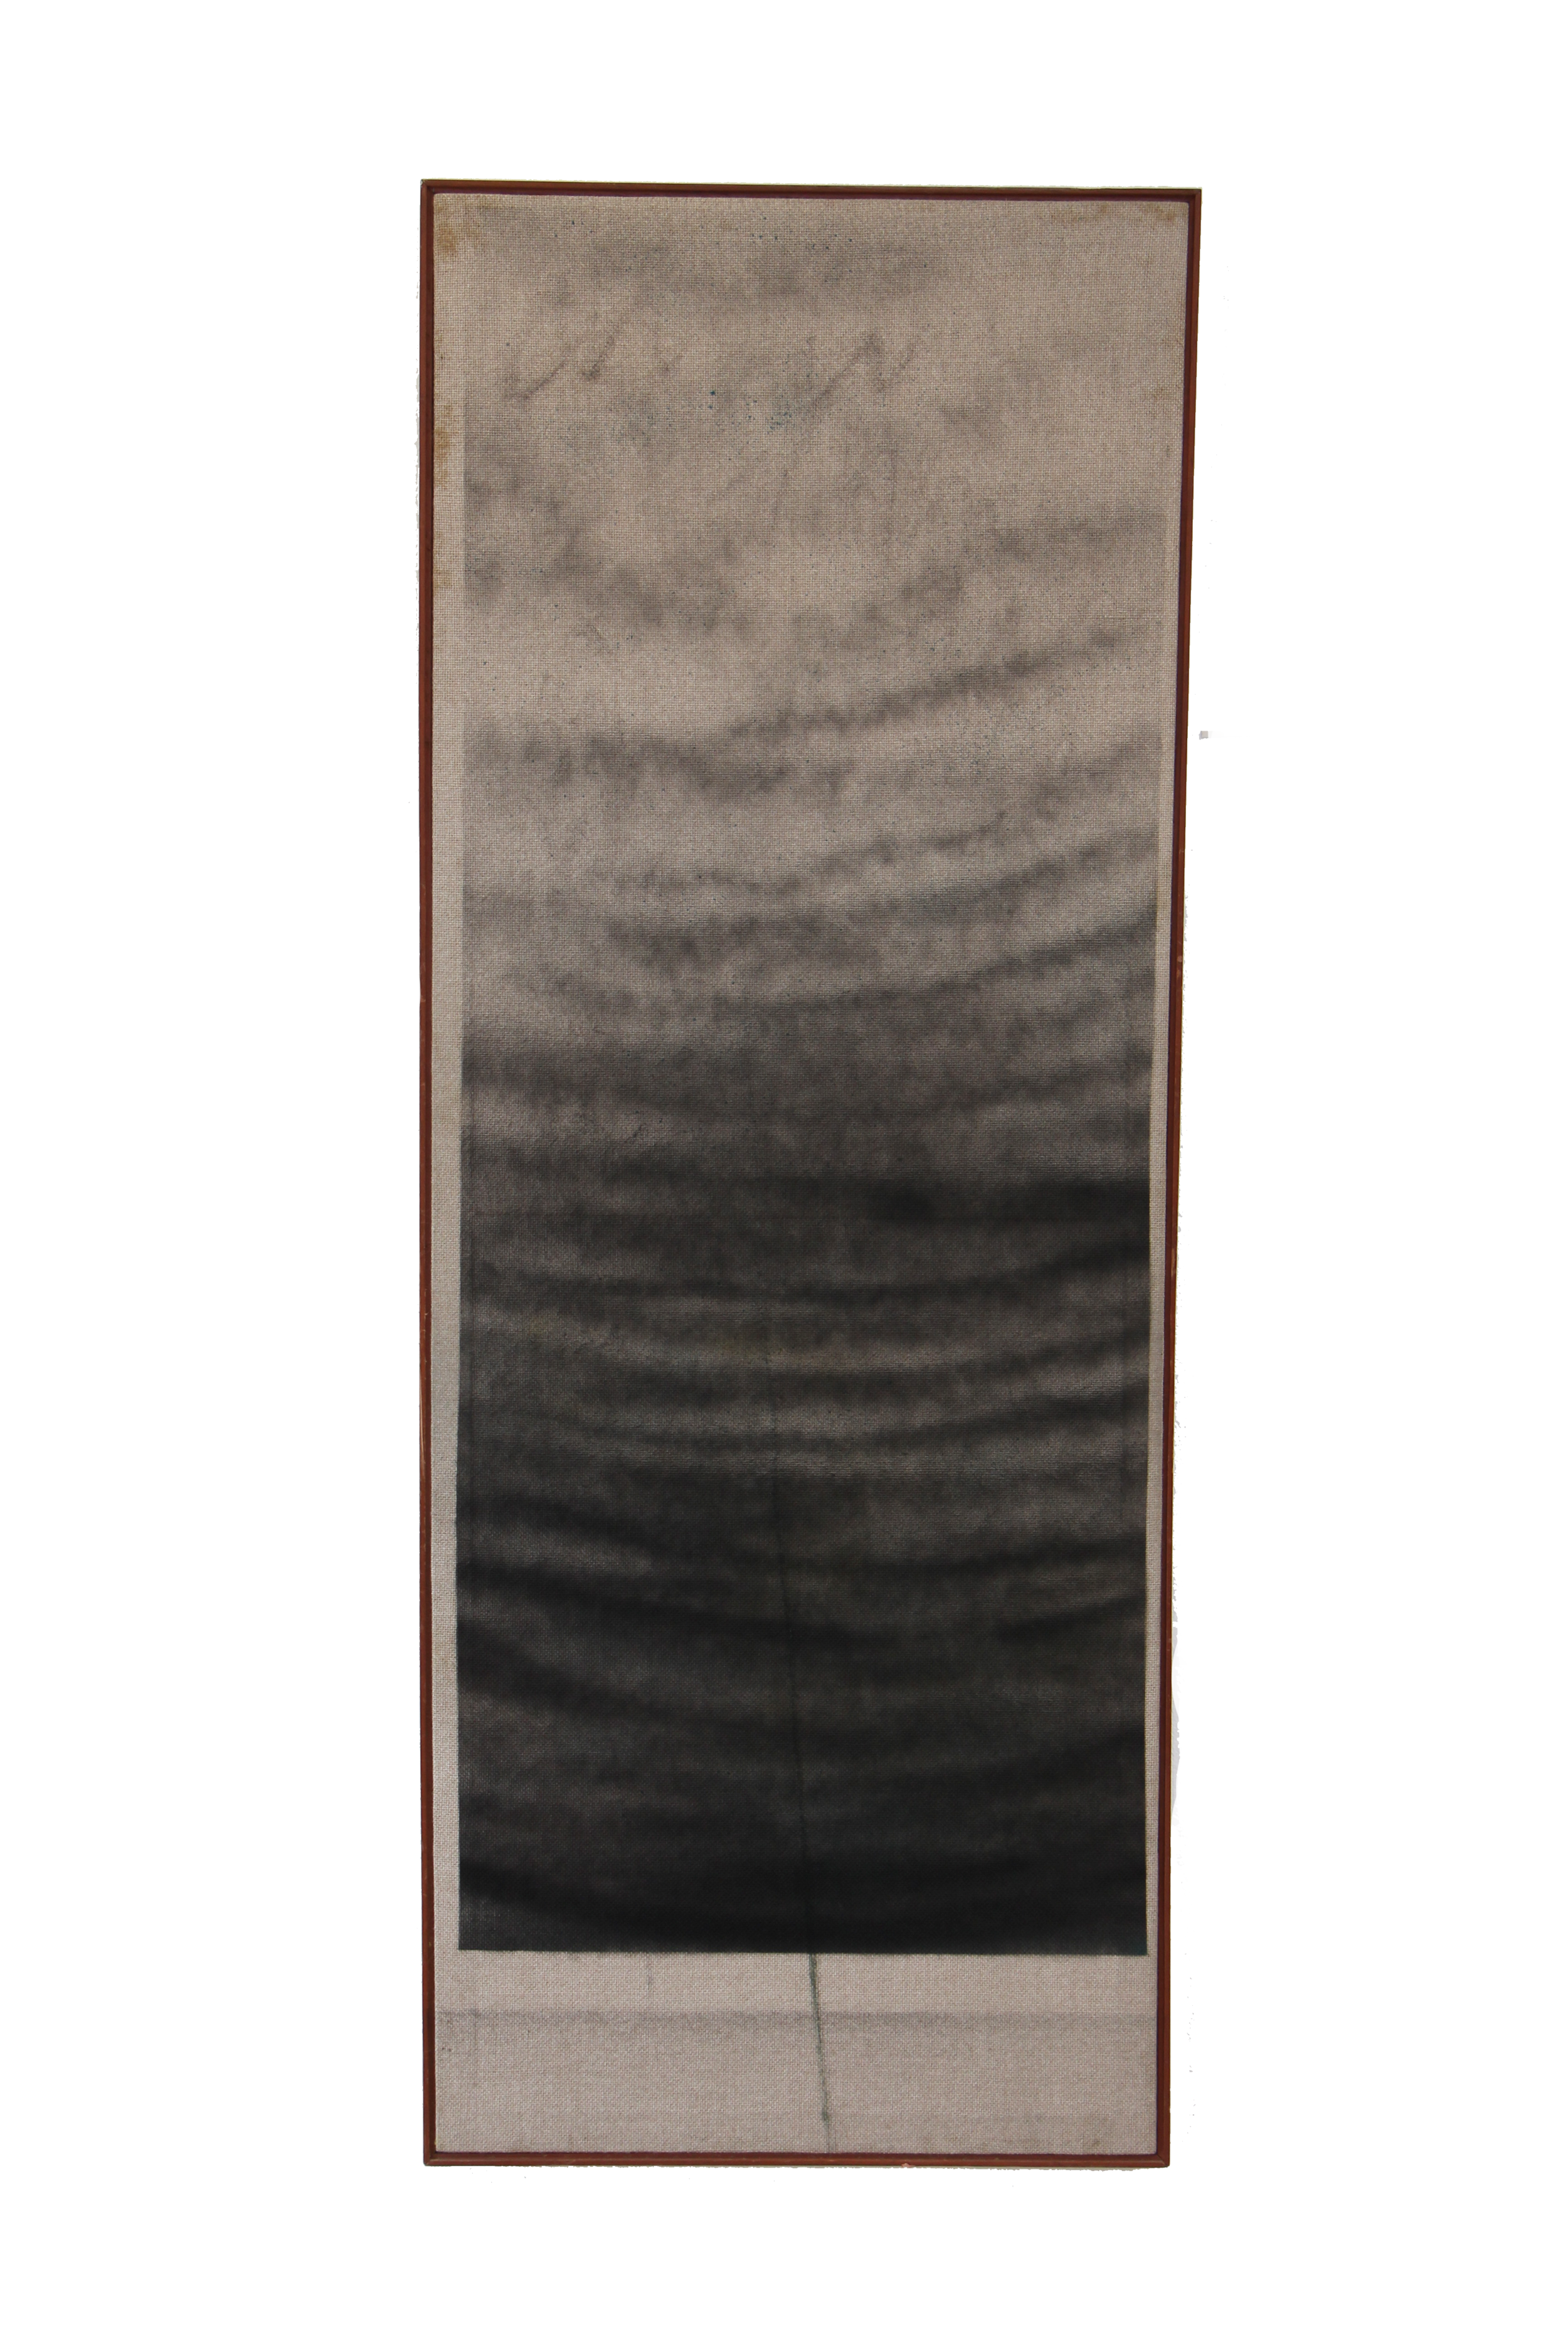 SIN TÍTULO  Técnica: Óleo y spray sobre tablero de tela  Medida: 163 x 62 cm  Año: 2015